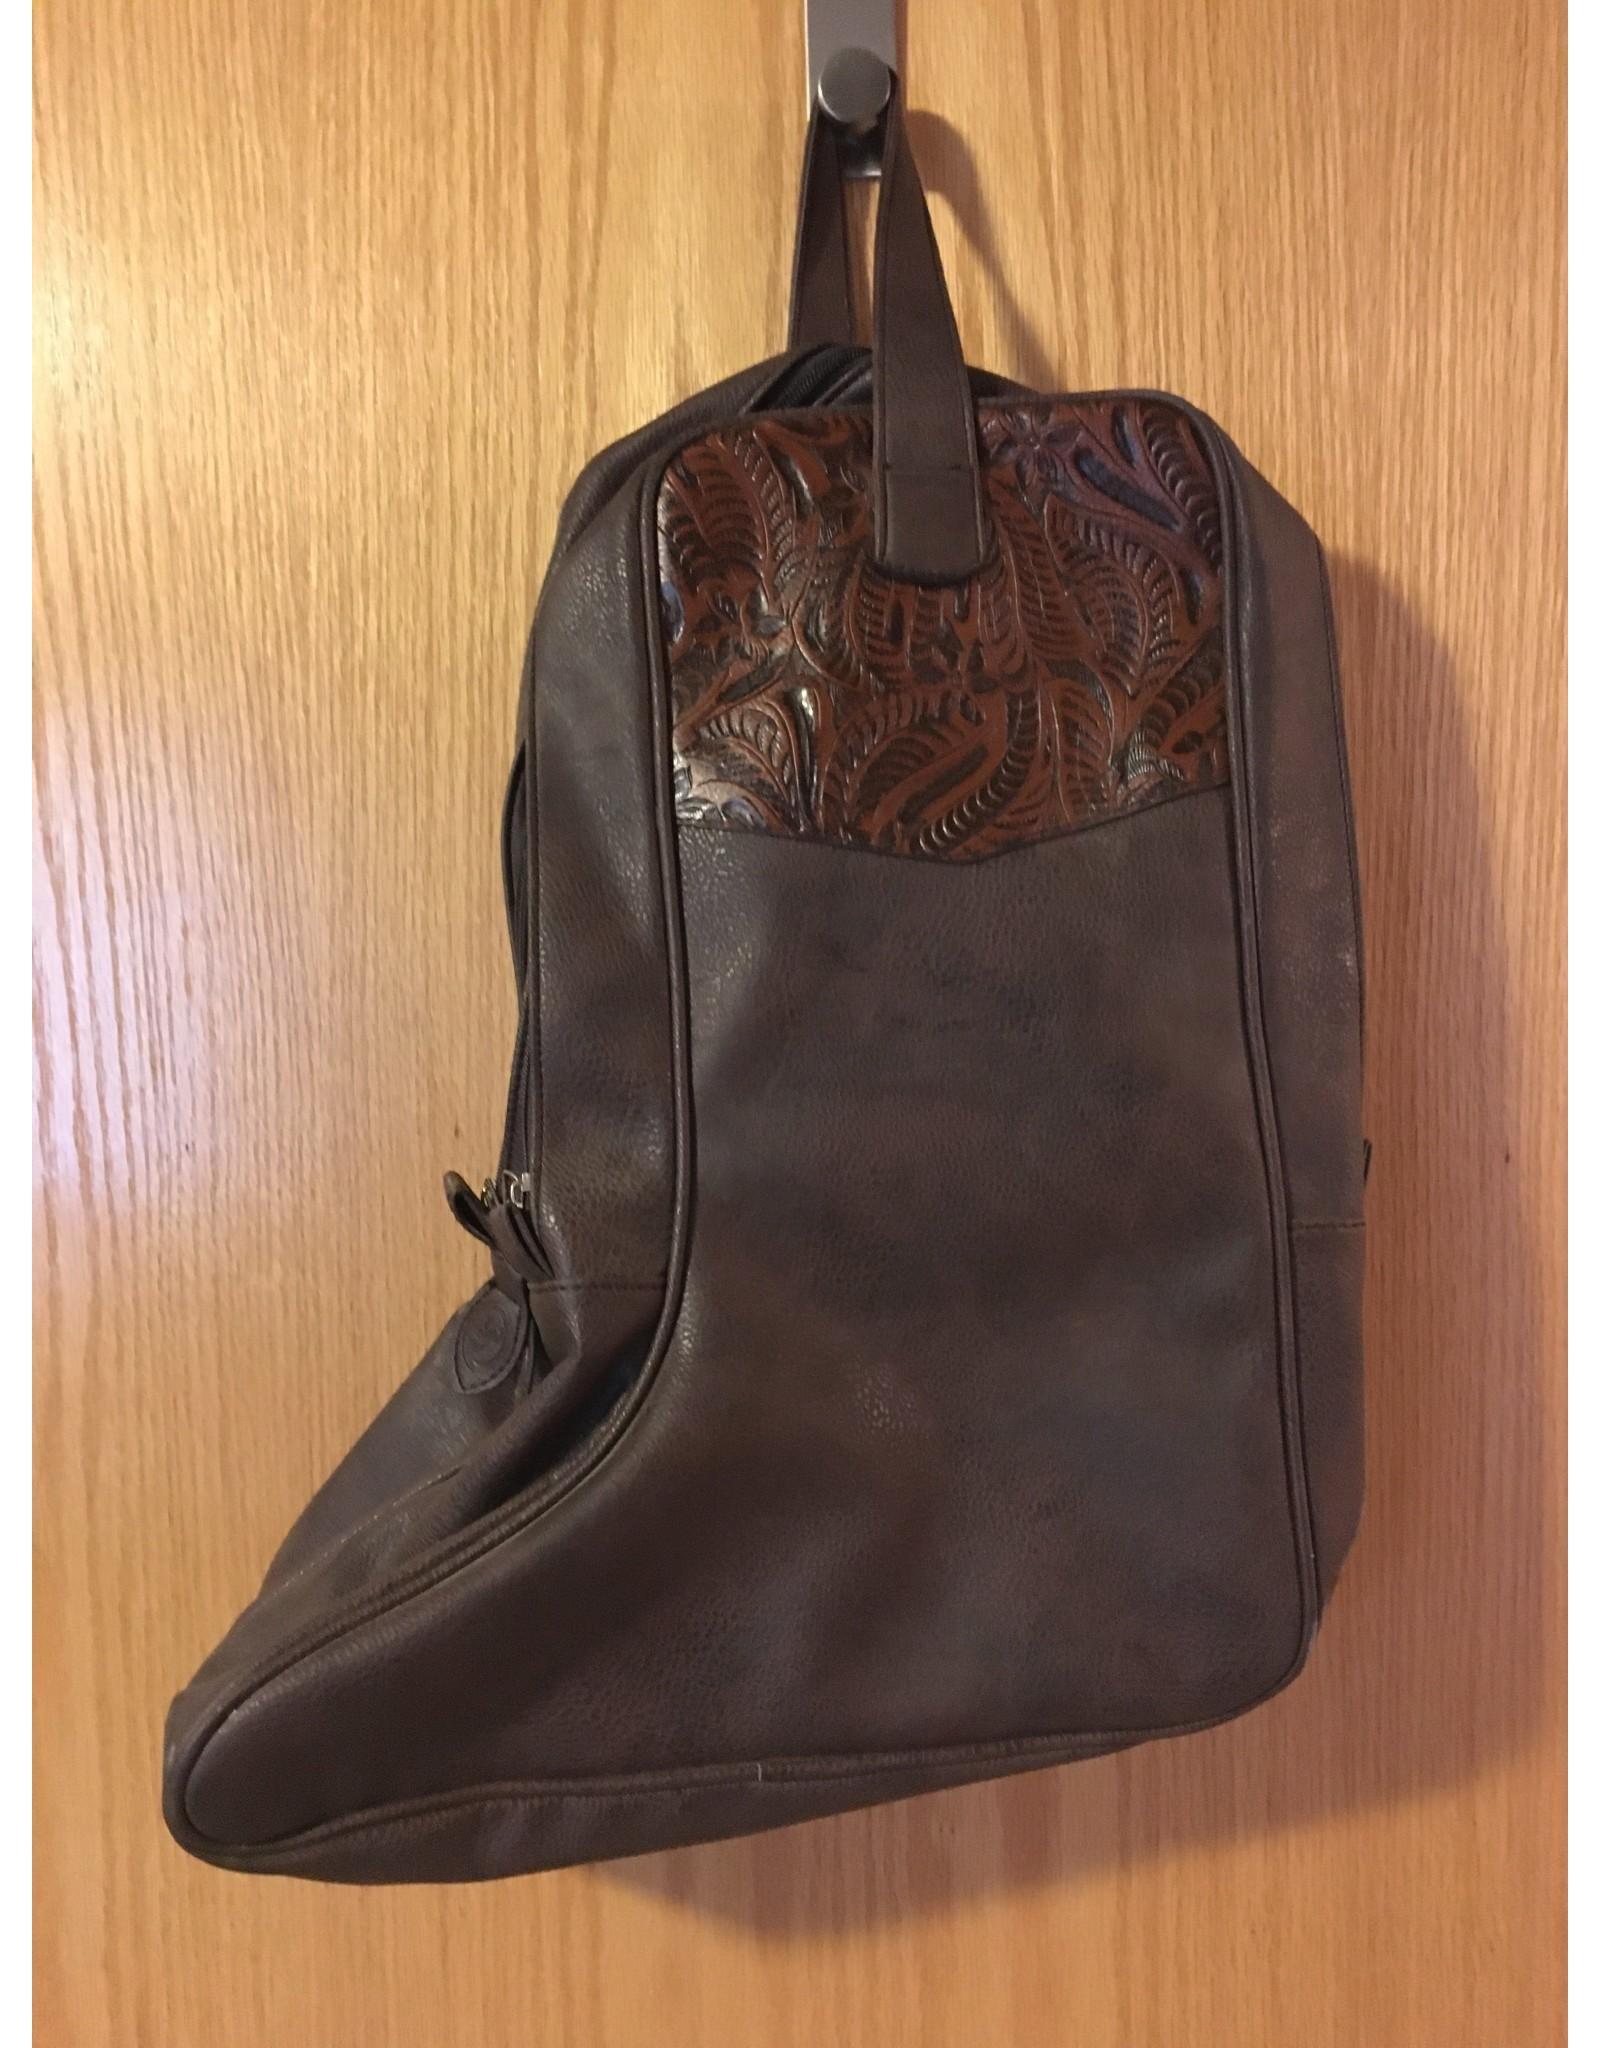 3D BROWN BOOT BAG